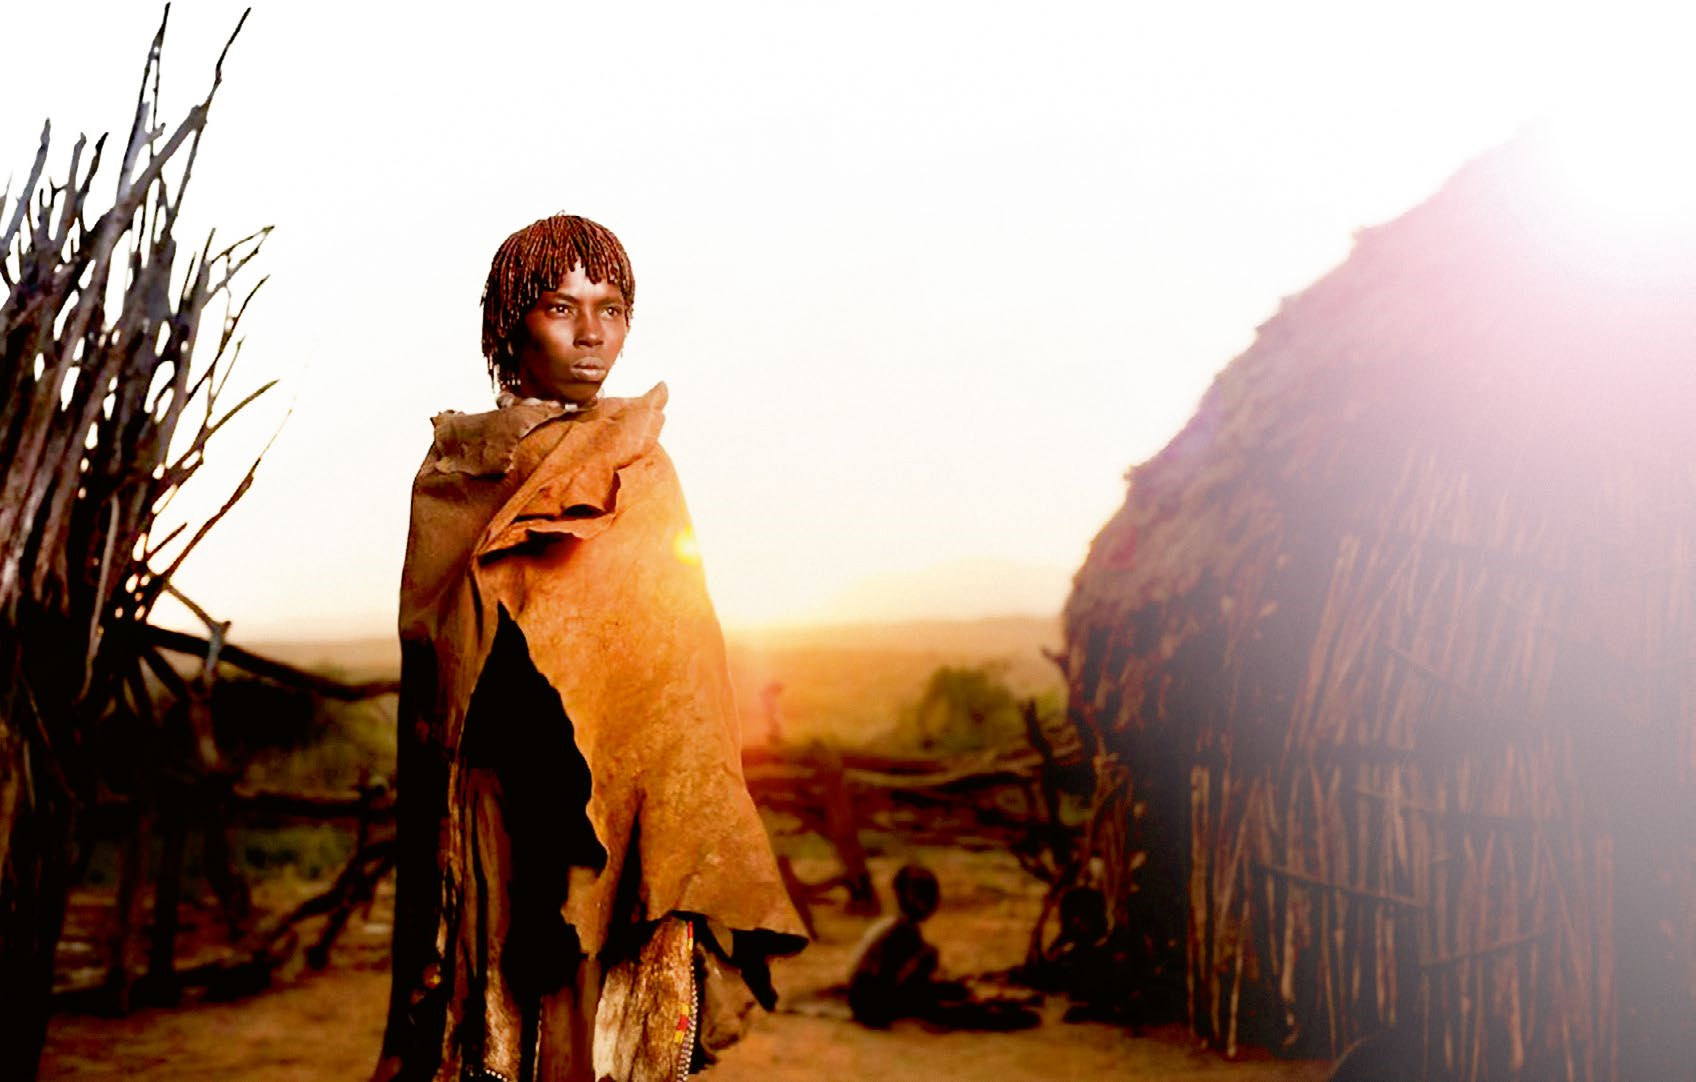 СЕРИЯ ЗАМЕТОК О МИРОВОМ ФРОНТИРЕ РАЗВИТИЯ. ЗАПИСКИ ИЗ АФРИКИ 1: Эфиопия (Часть III)